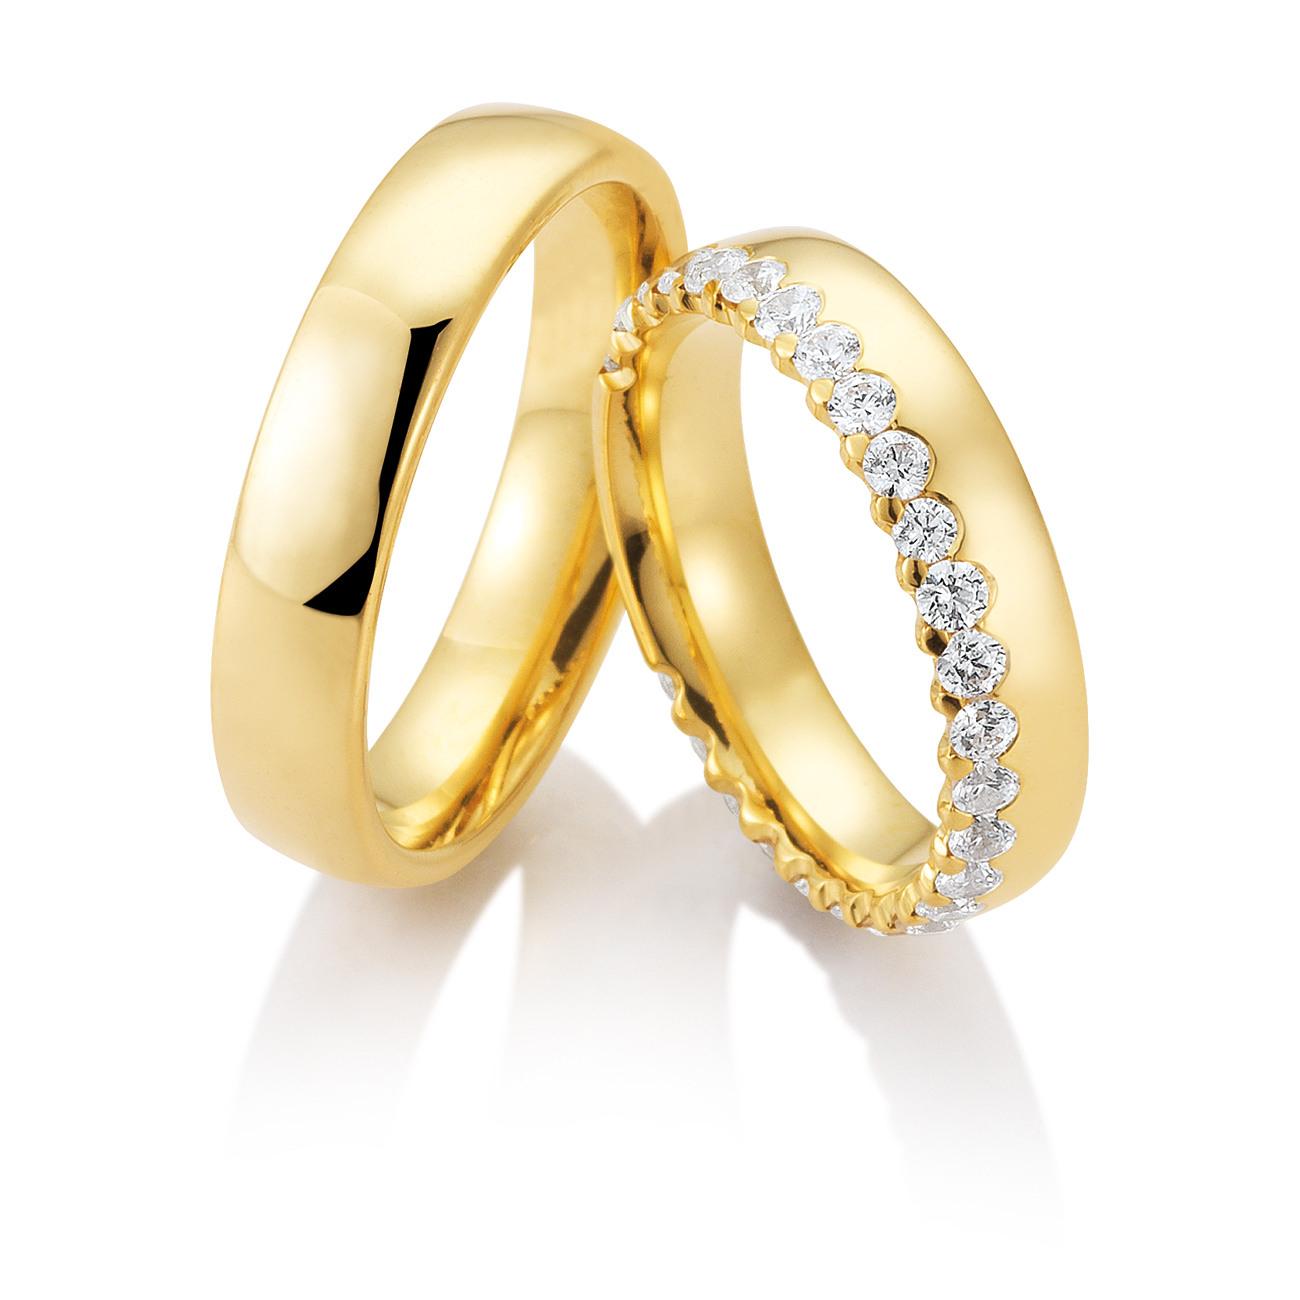 Goldringe Damen » Für Ihre Perfekten Verlobungs- Und Eheringe!